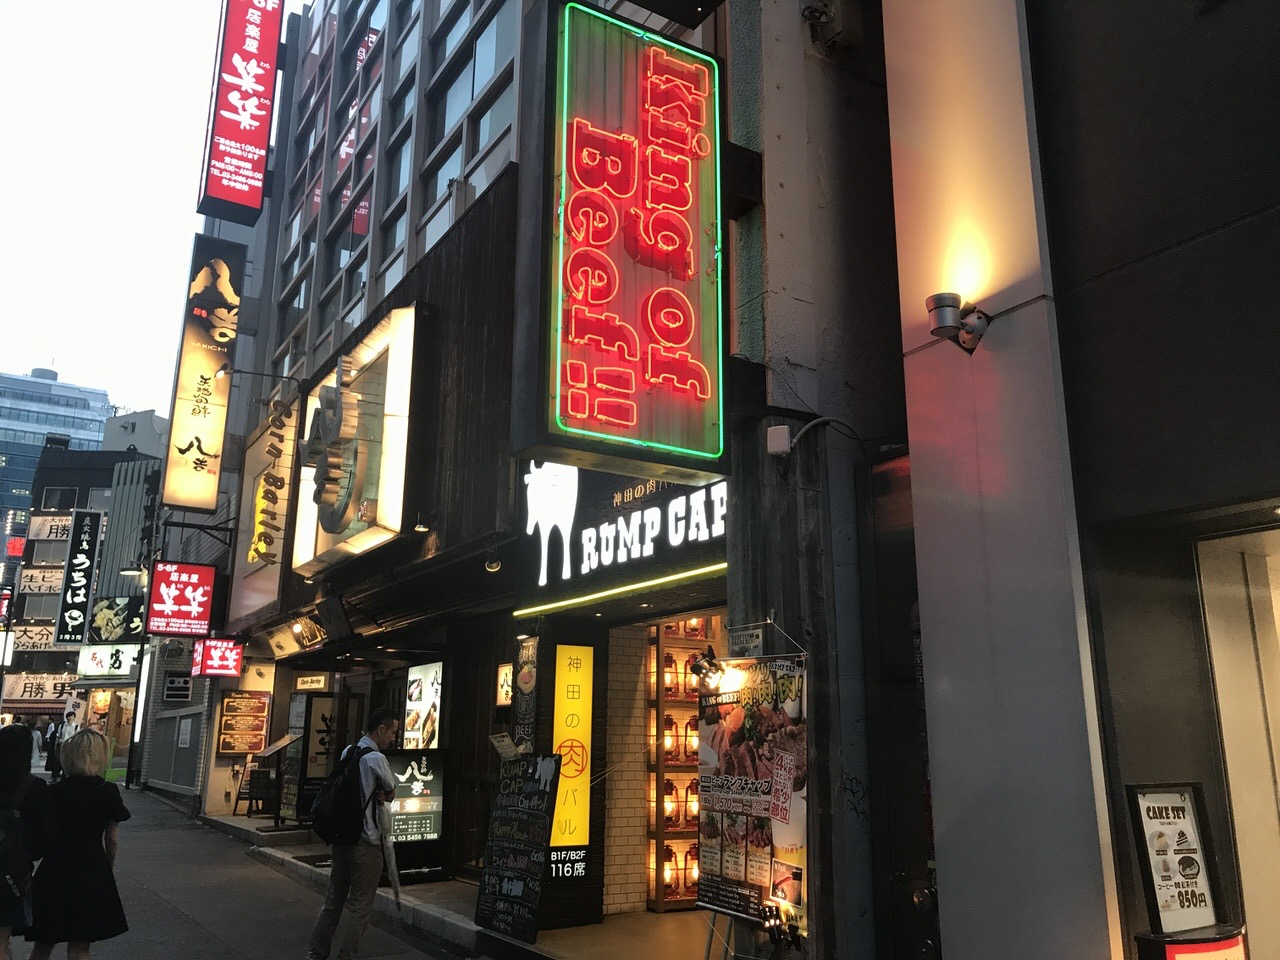 ランプキャップ渋谷店 1